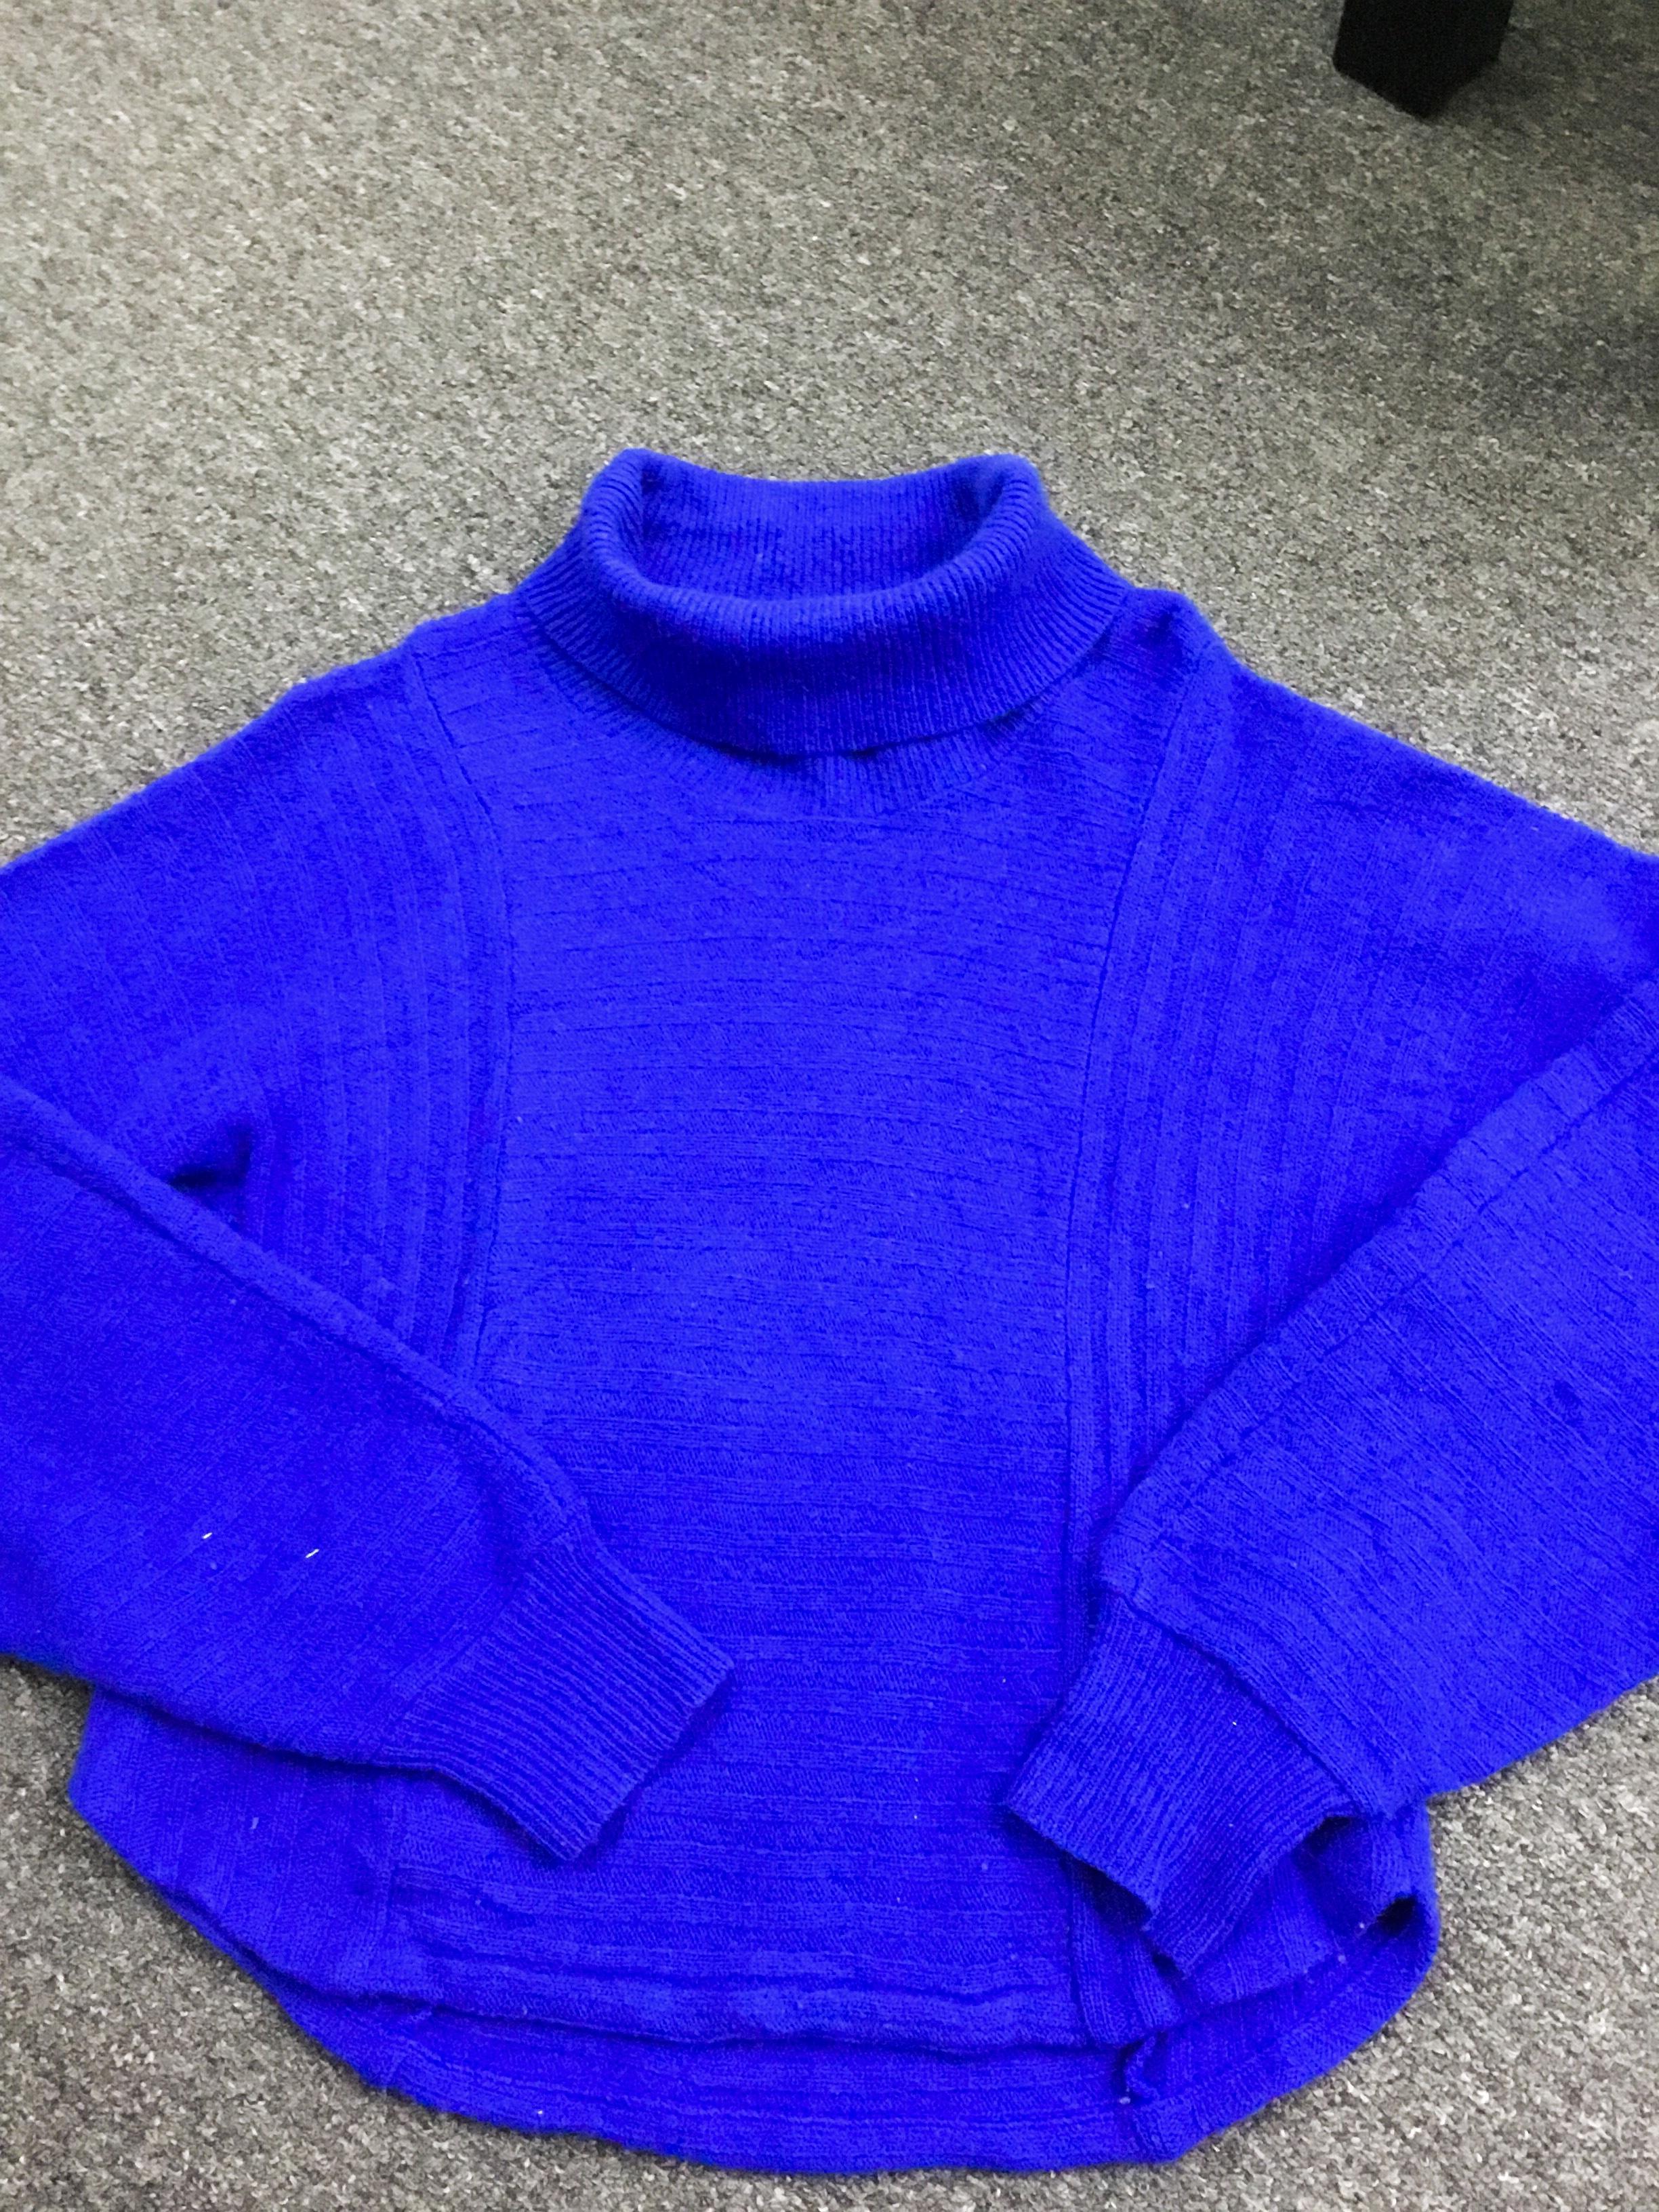 BP6862 ARTOIS BLUE KNITWEAR